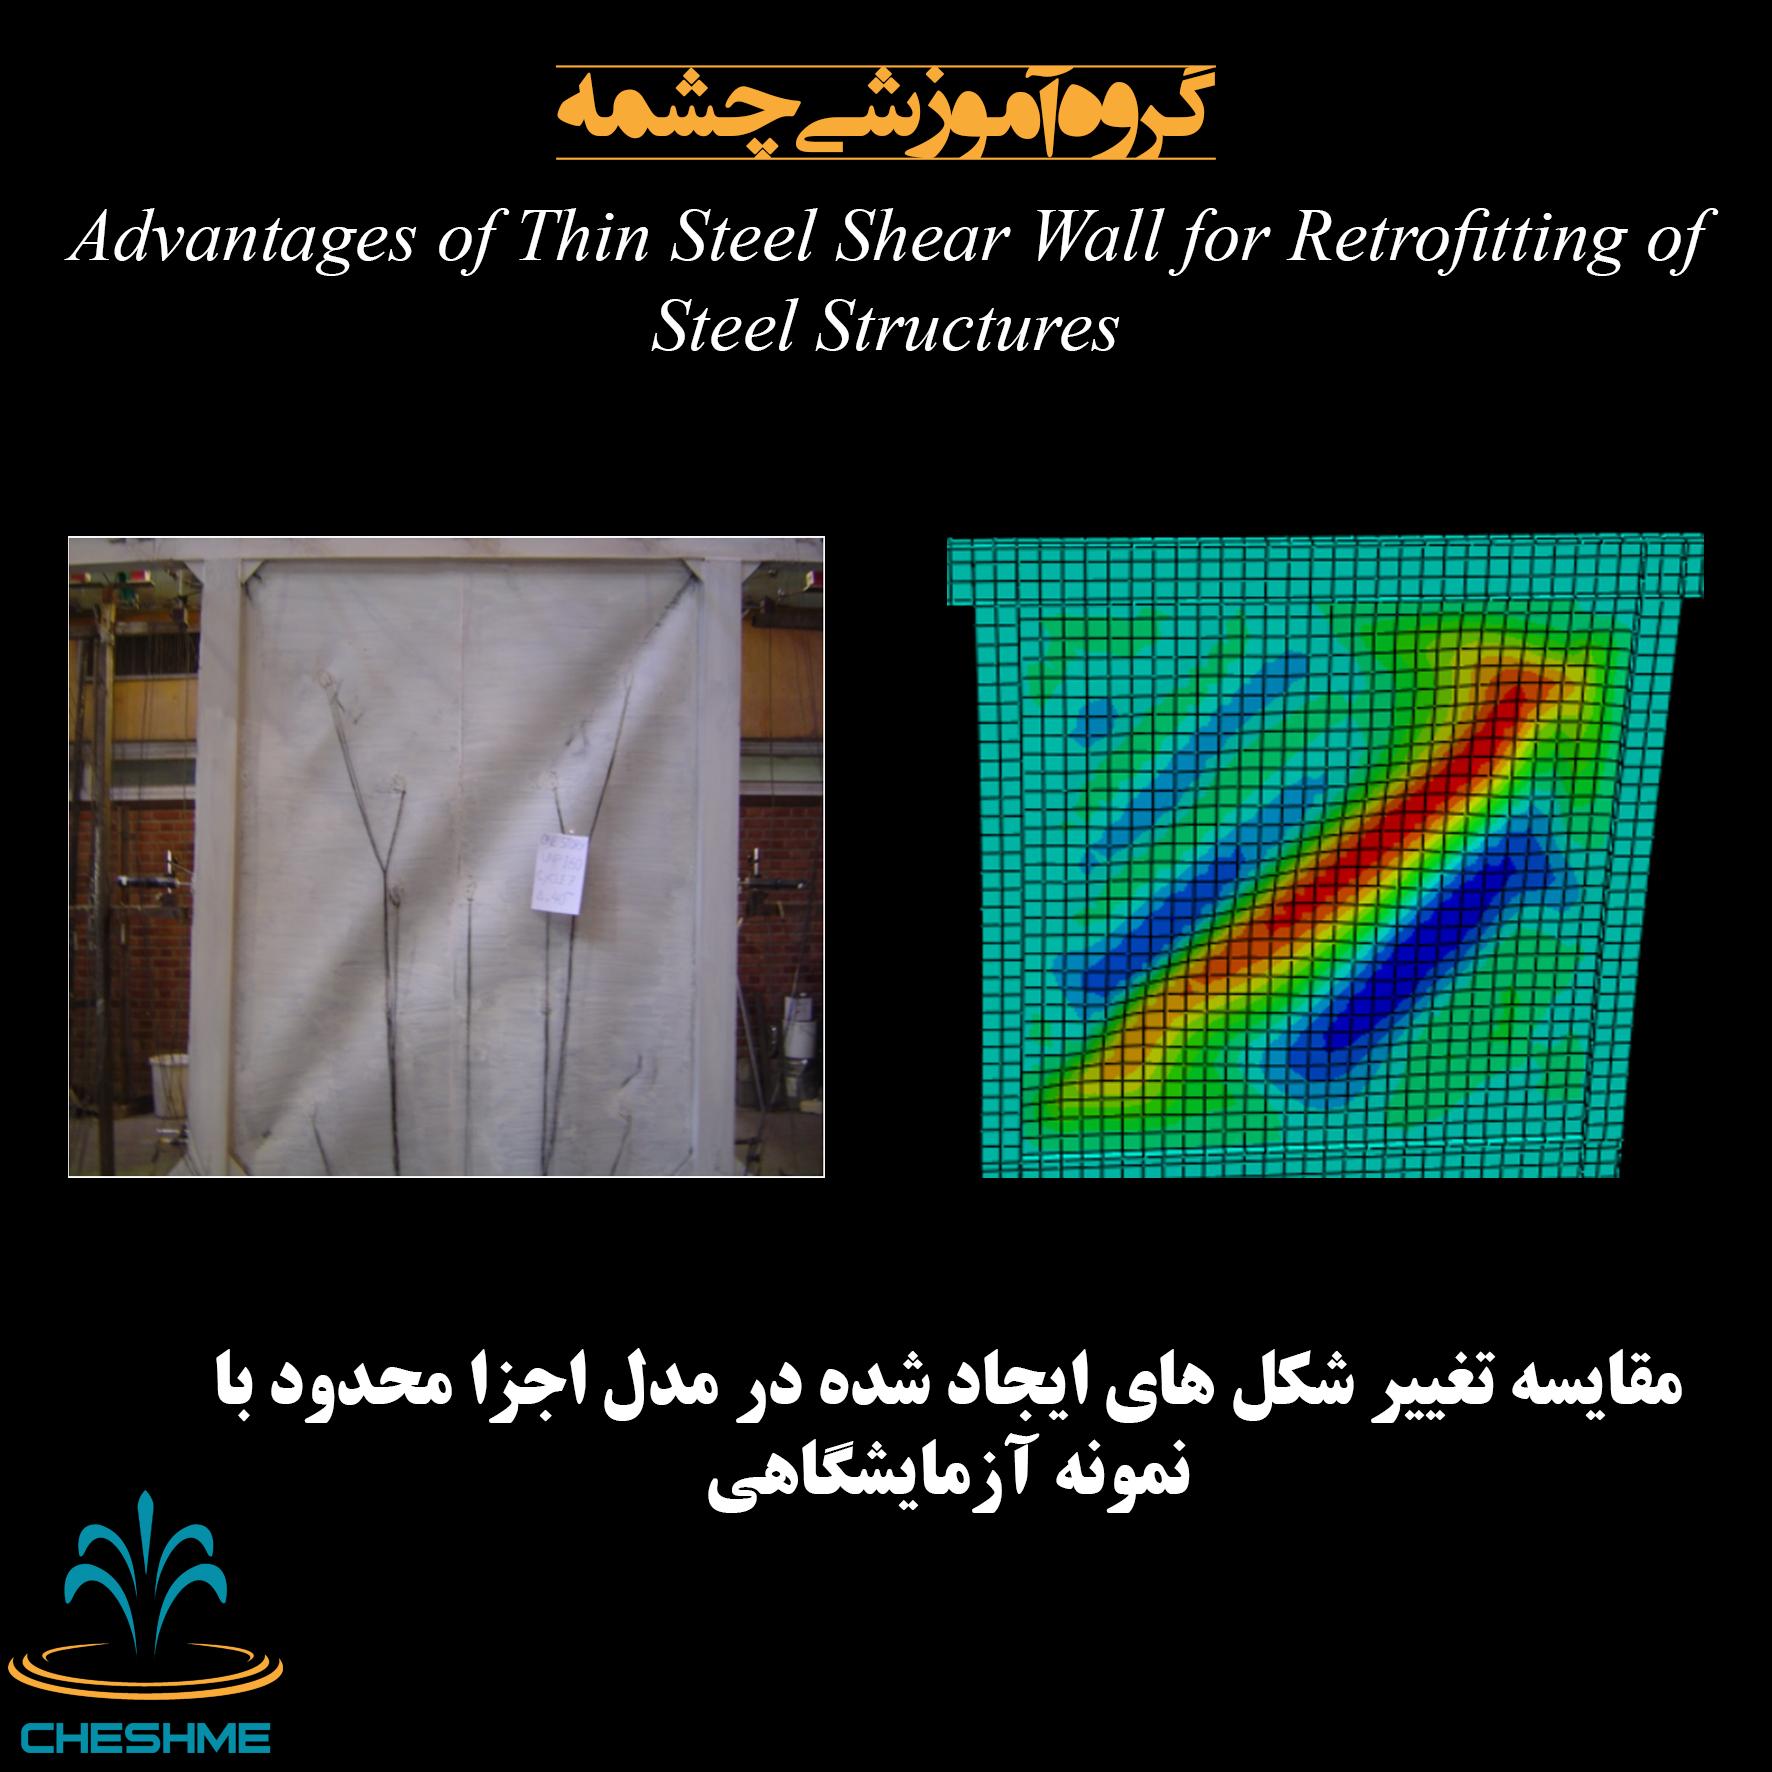 مقایسه تشکیل میدان کشش قطری در دیوار برشی فولادی نیمه مقیدمدل اجزا محدود با نمونه آزمایشگاهی